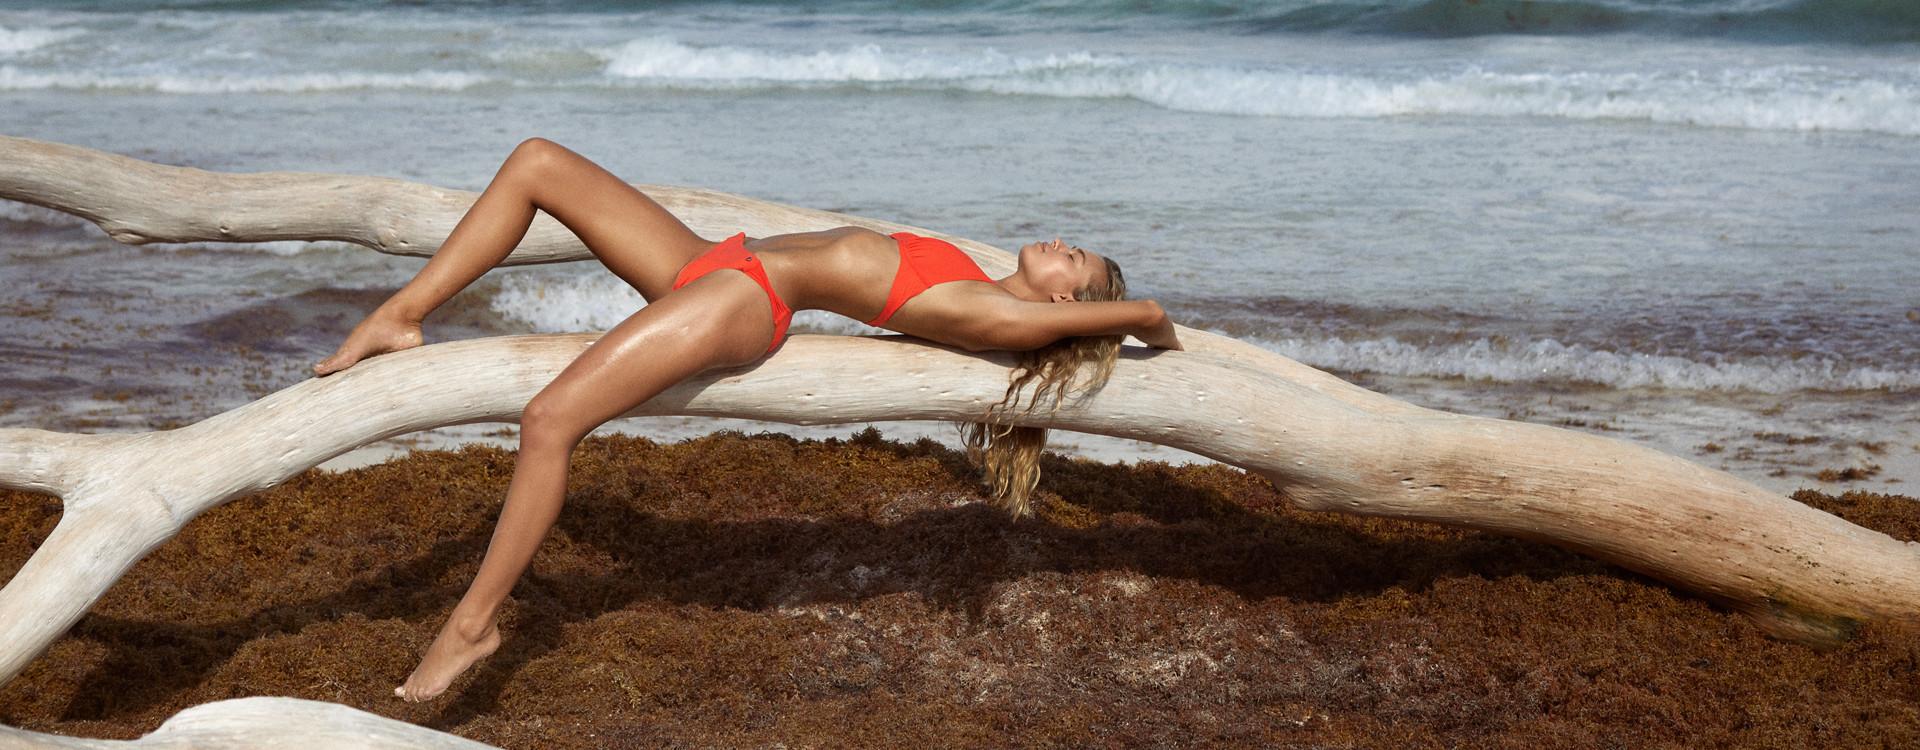 Schulte Textil - Von Bikini bis Badeanzug